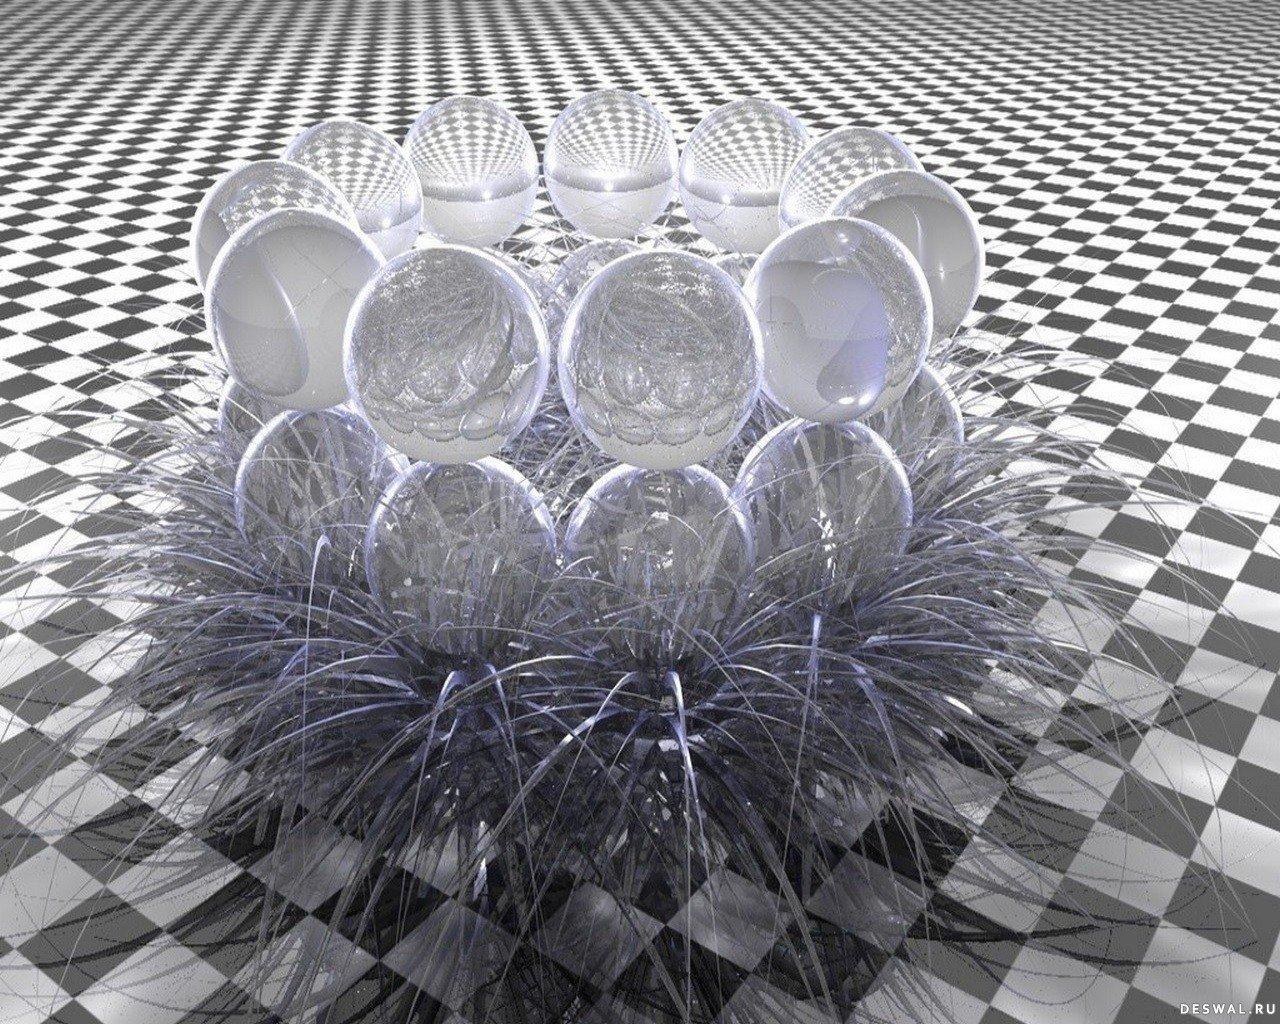 Фото 29.. Нажмите на картинку с 3D обоями, чтобы просмотреть ее в реальном размере